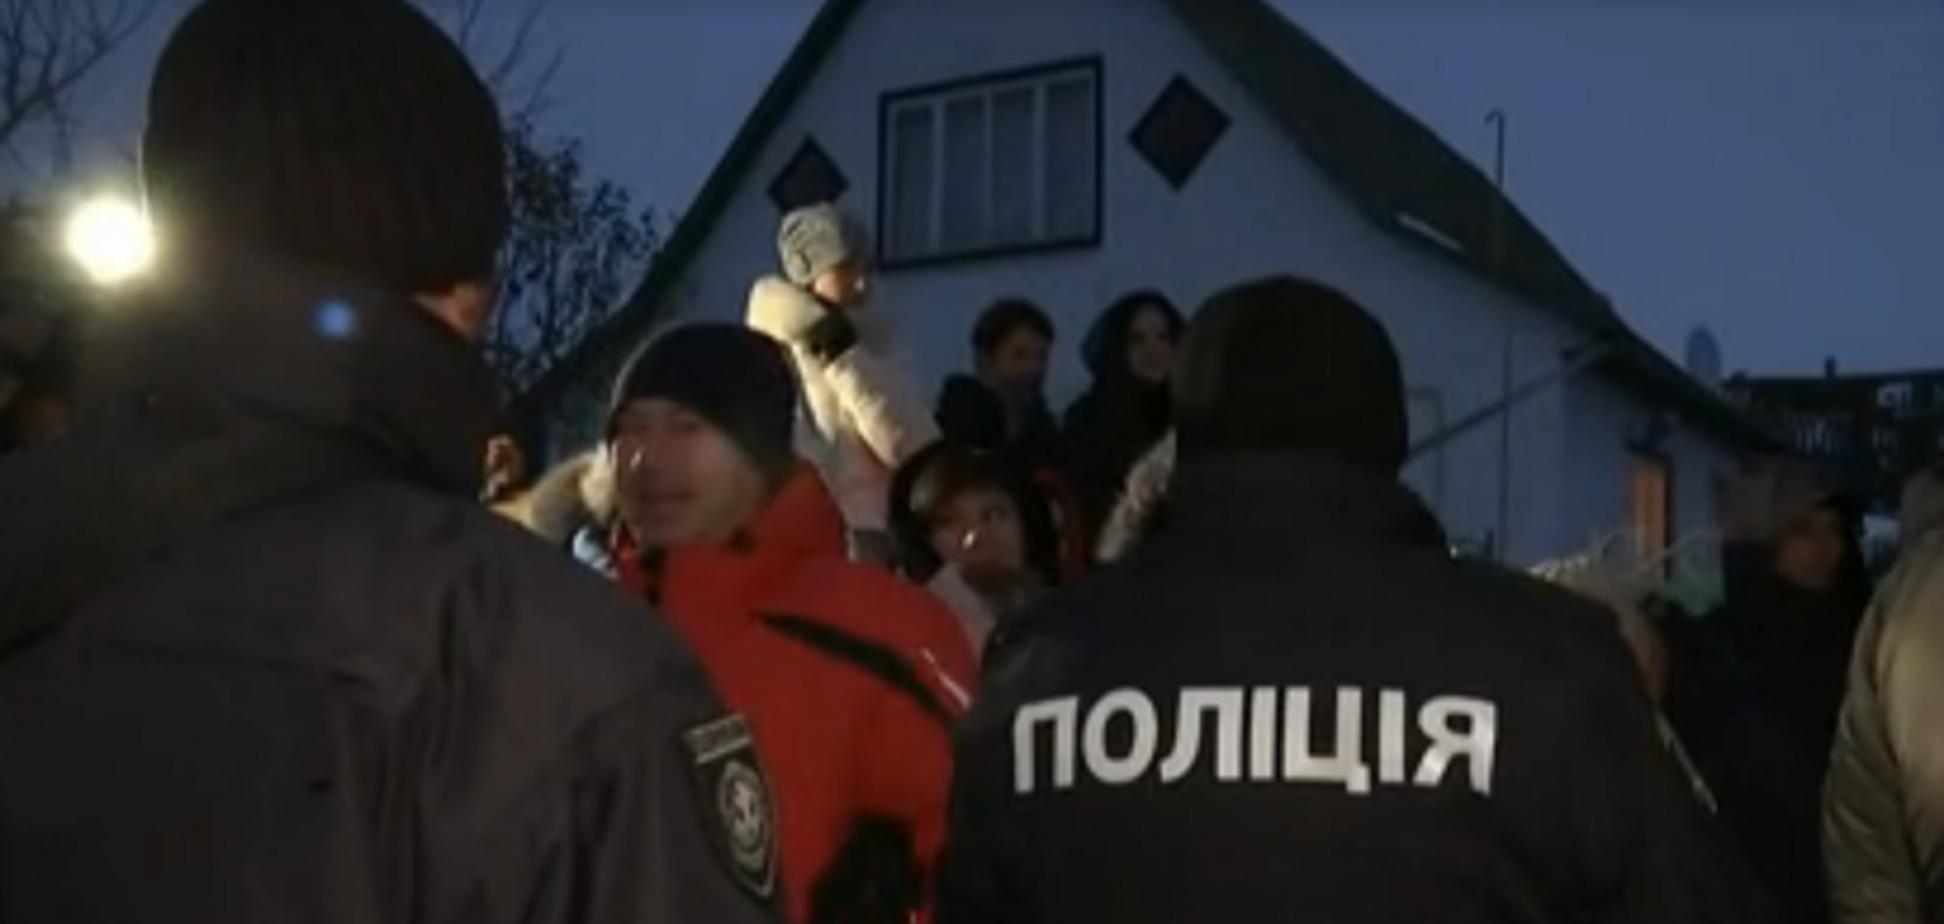 Ходить зі зброєю: на Черкащині люди збунтувалися через маніяка-сина екс-судді